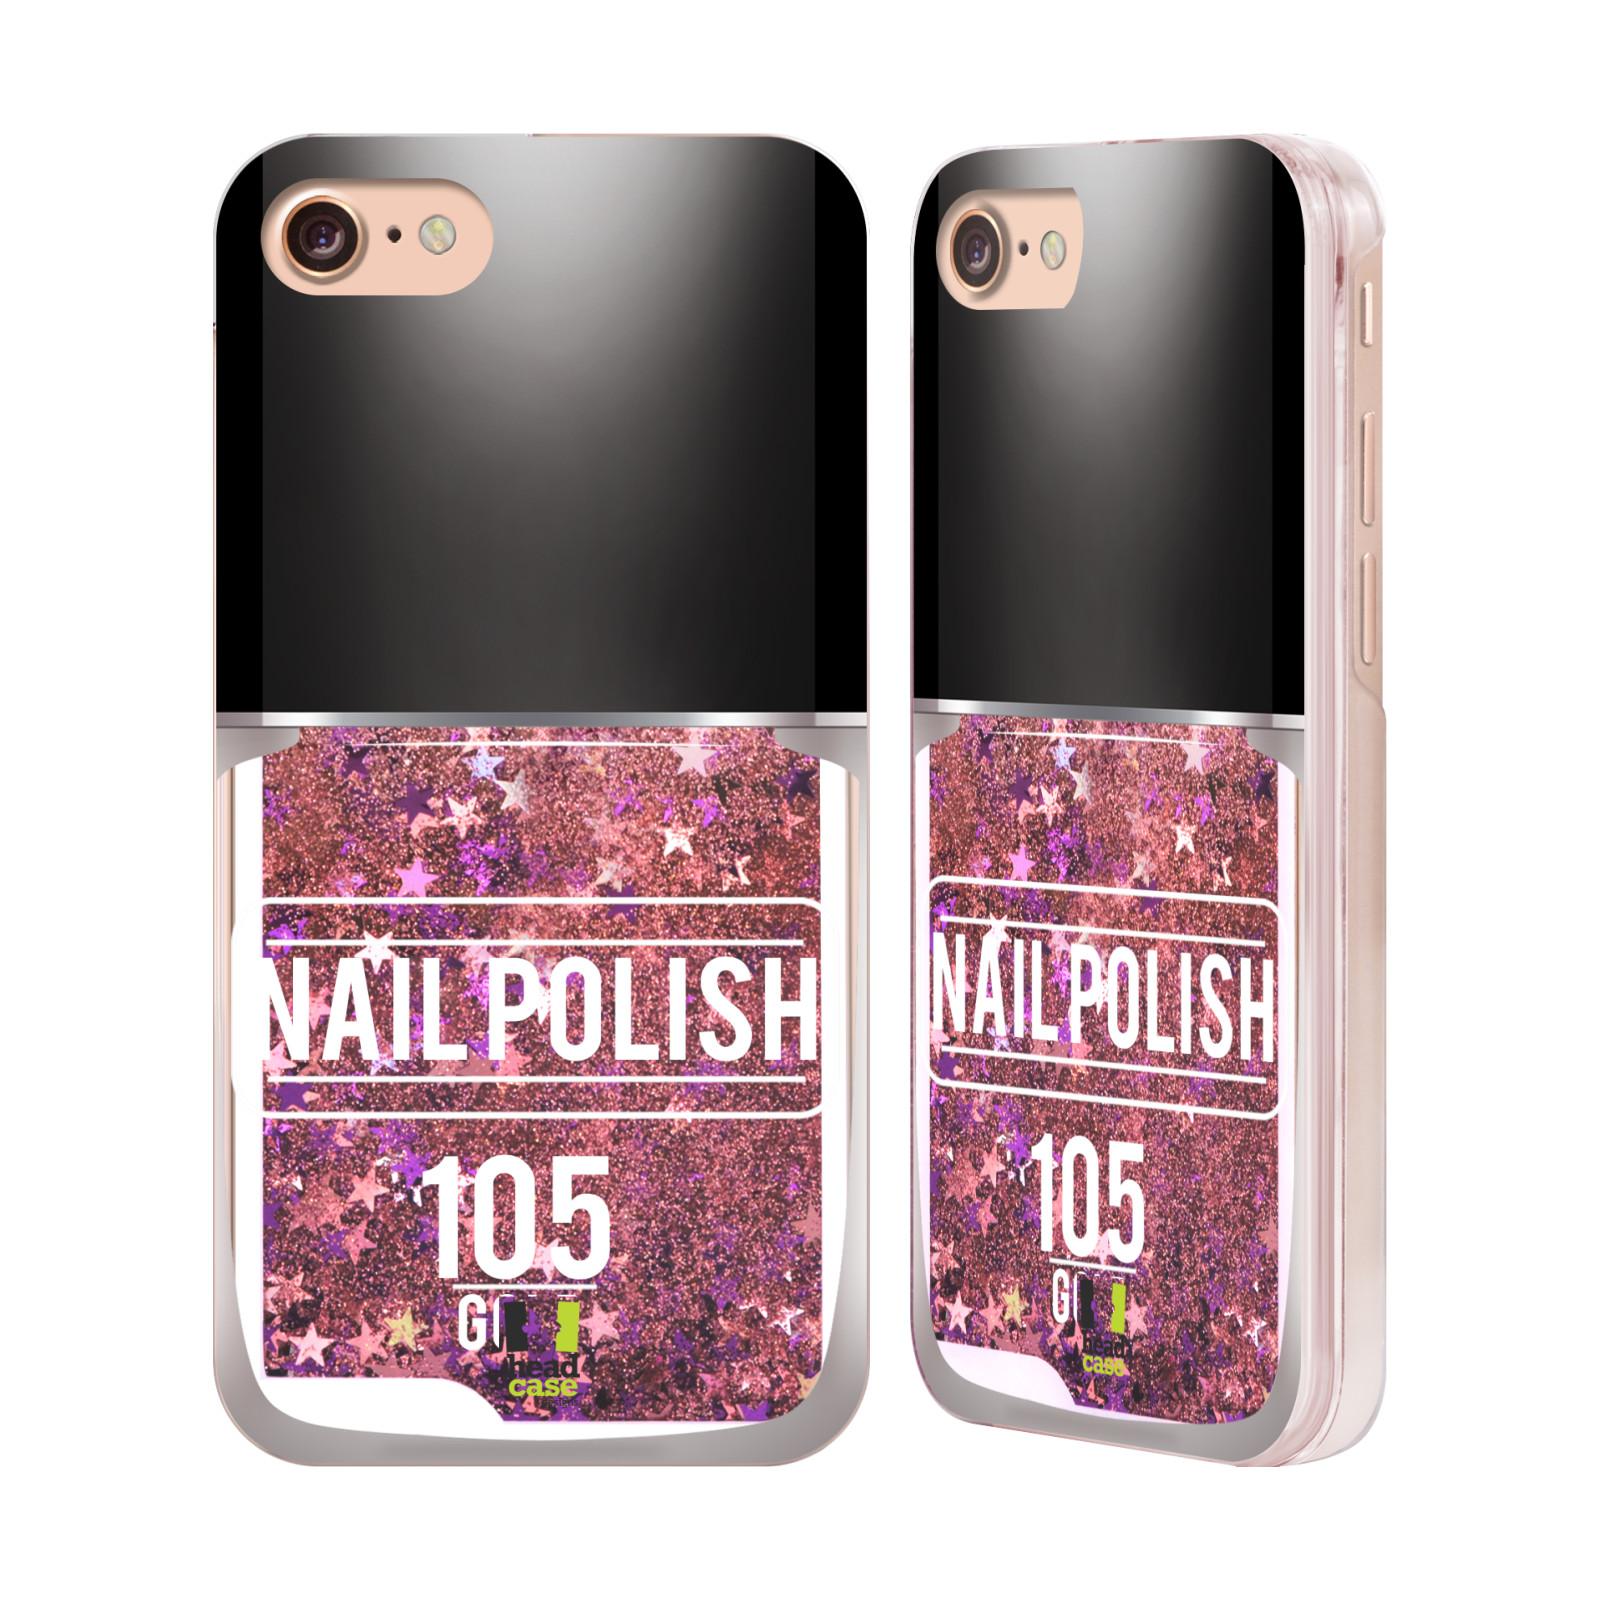 Marble Nail Polish Phone Case: HEAD CASE DESIGNS NAIL POLISH PINK LIQUID GLITTER CASE